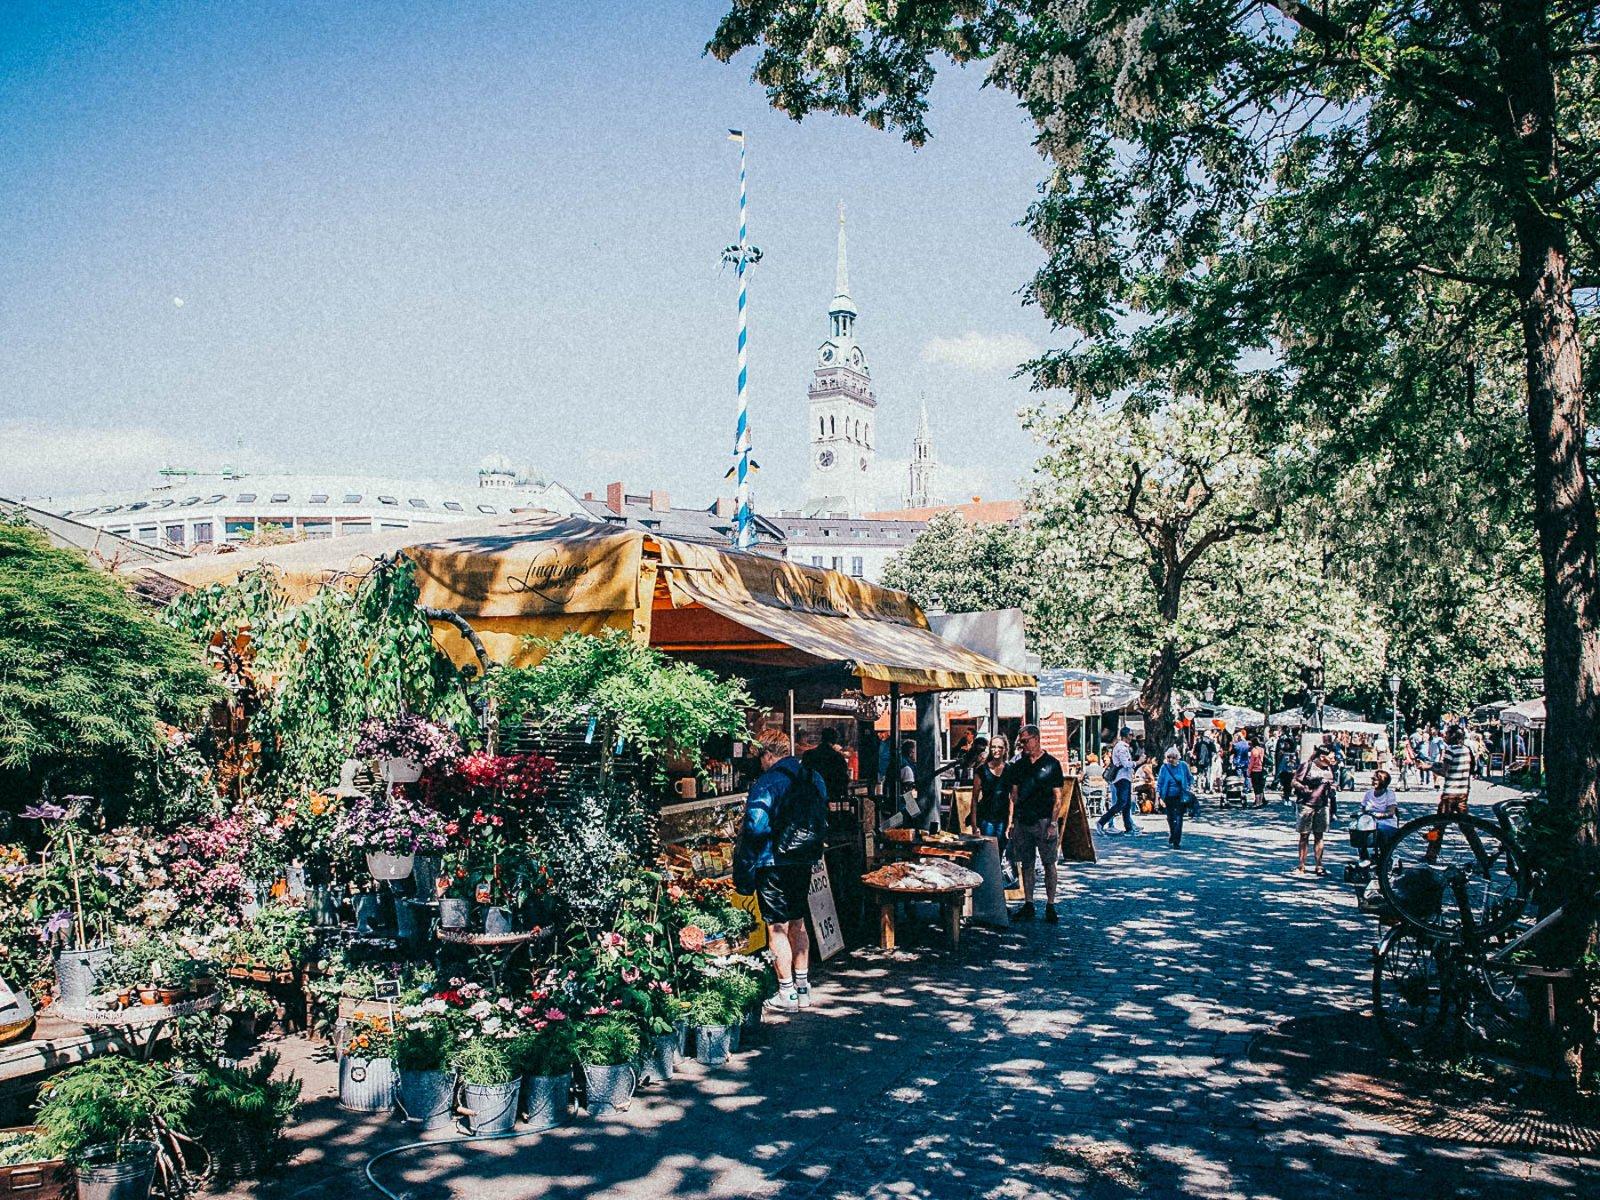 Geheimtippmuenchen Einewochevollerideen Kletterwald Viktualienmarkt – ©wunderland media GmbH